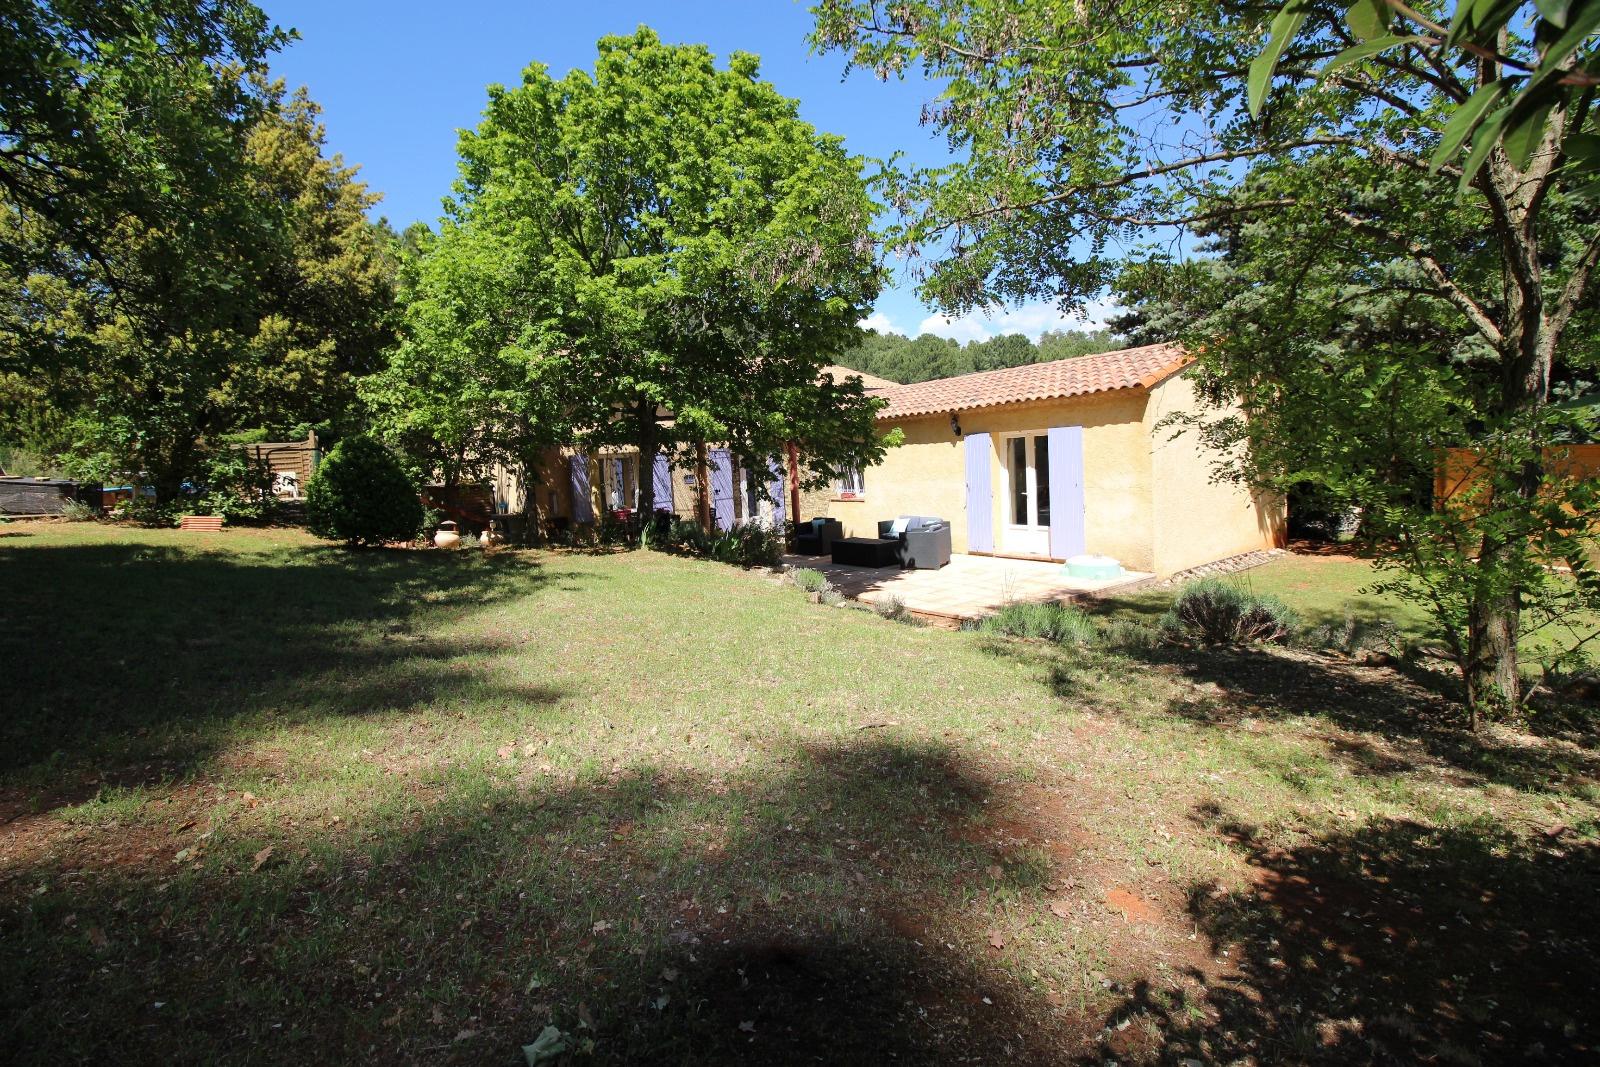 Vente maison/villa 5 pièces roussillon 84220